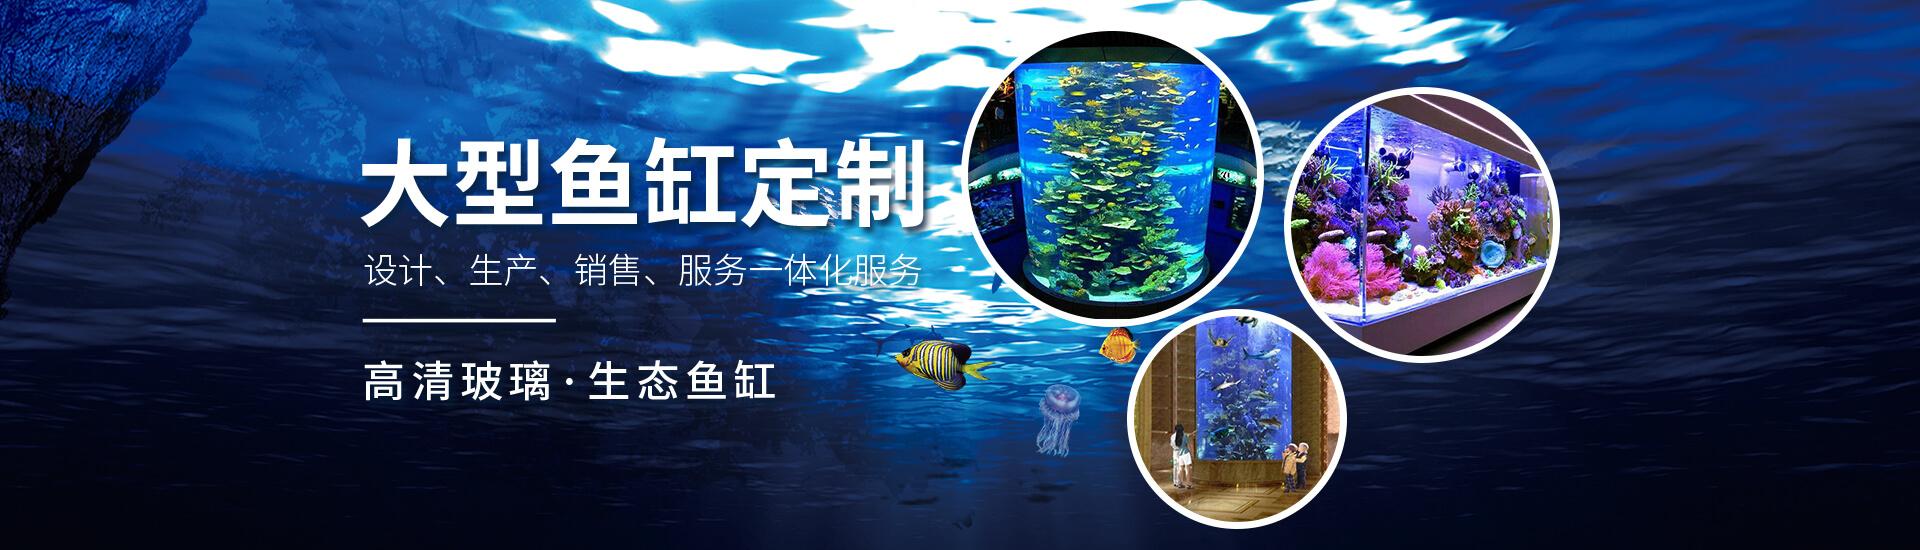 长沙大型鱼缸定制